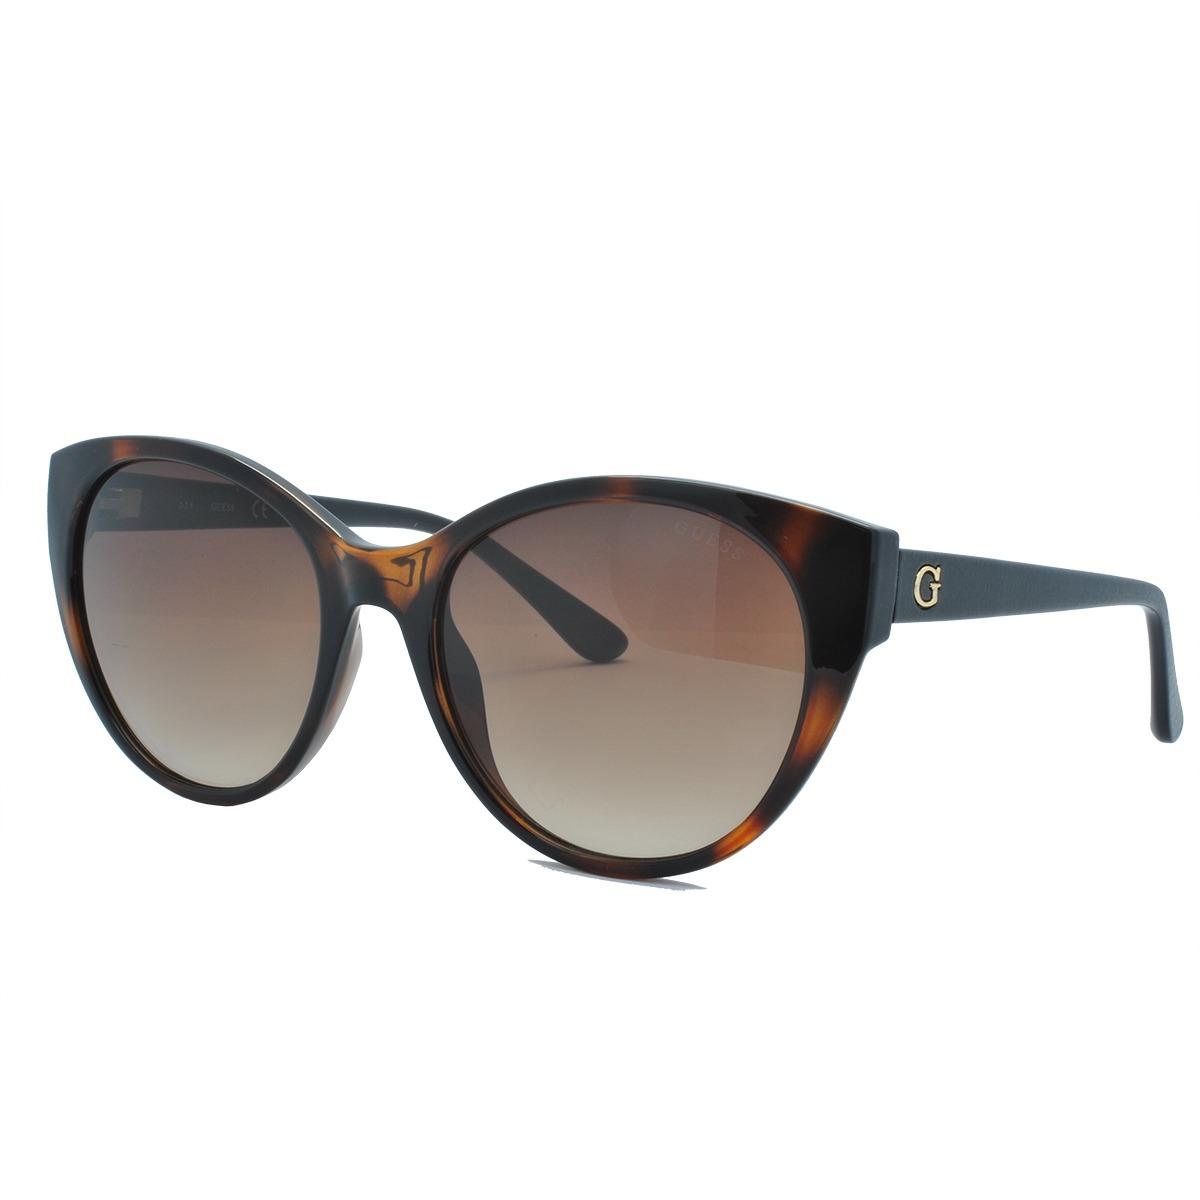 ce2b25031 Óculos De Sol Guess Original Feminino Gu7594 52f - R$ 460,00 em ...